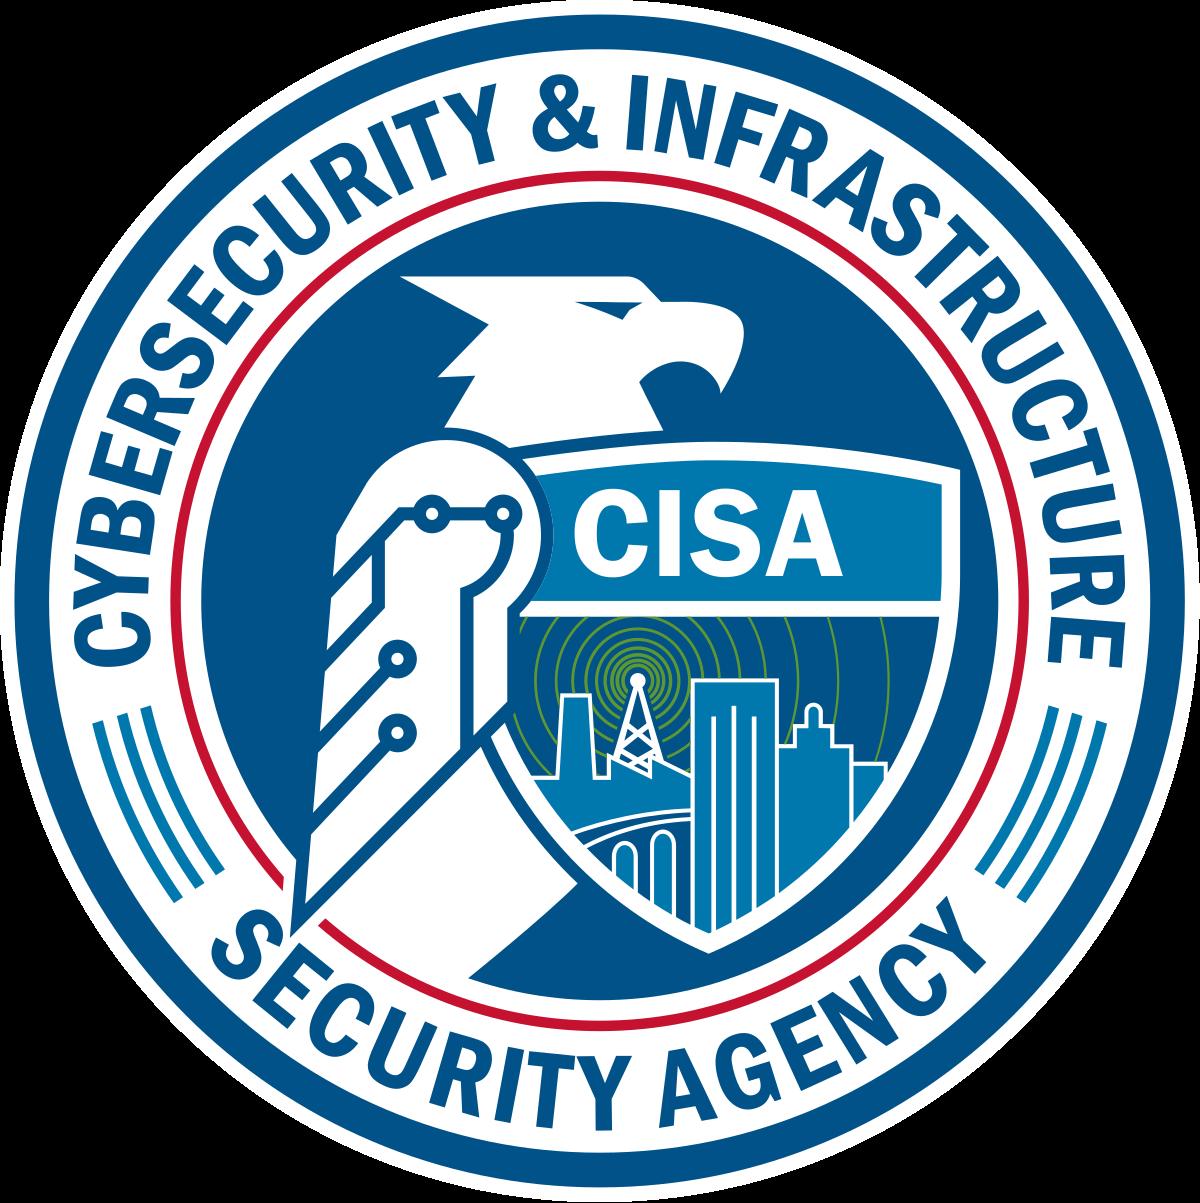 CISA предупредило о 13 вредоносах, выявленных на взломанных устройствах Pulse Secure